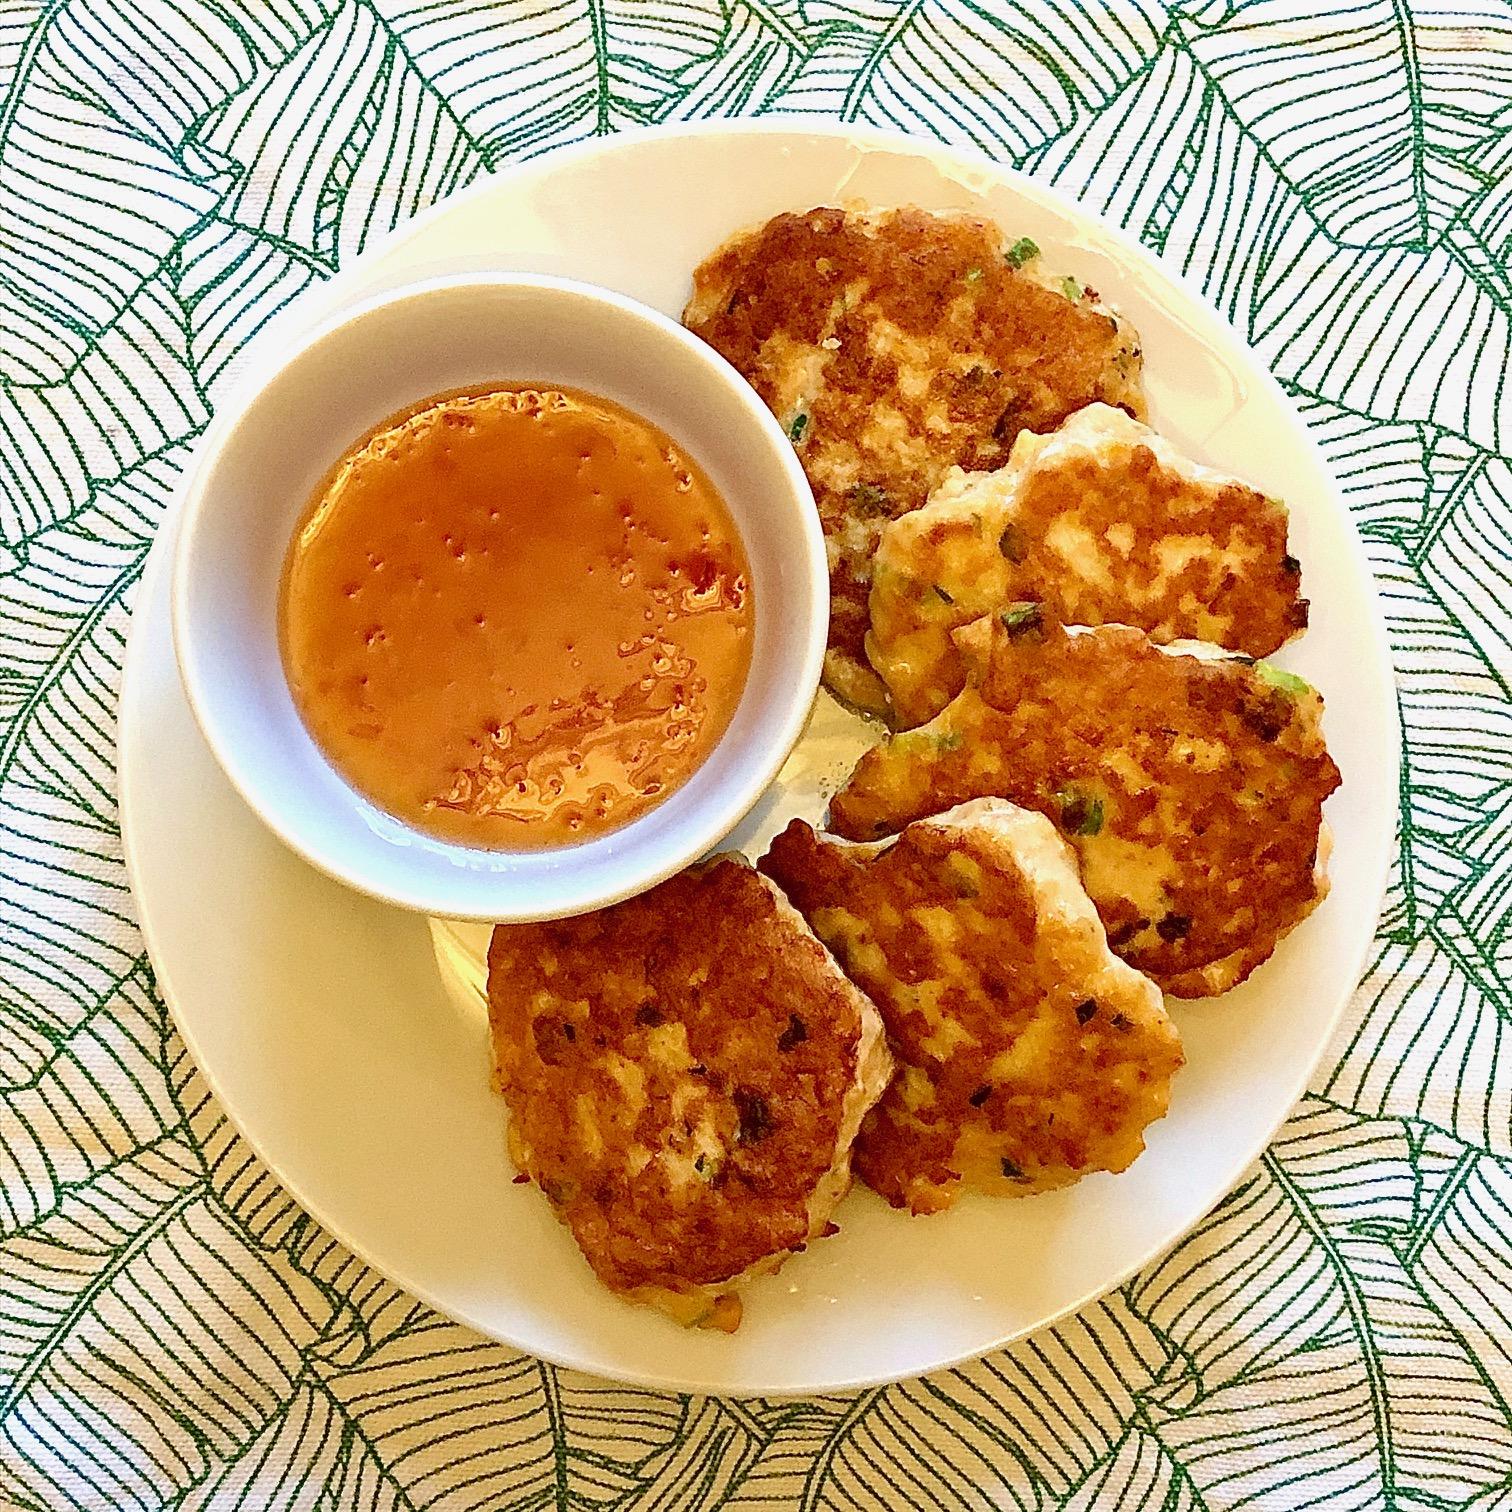 Day 75: Thai Fishcakes